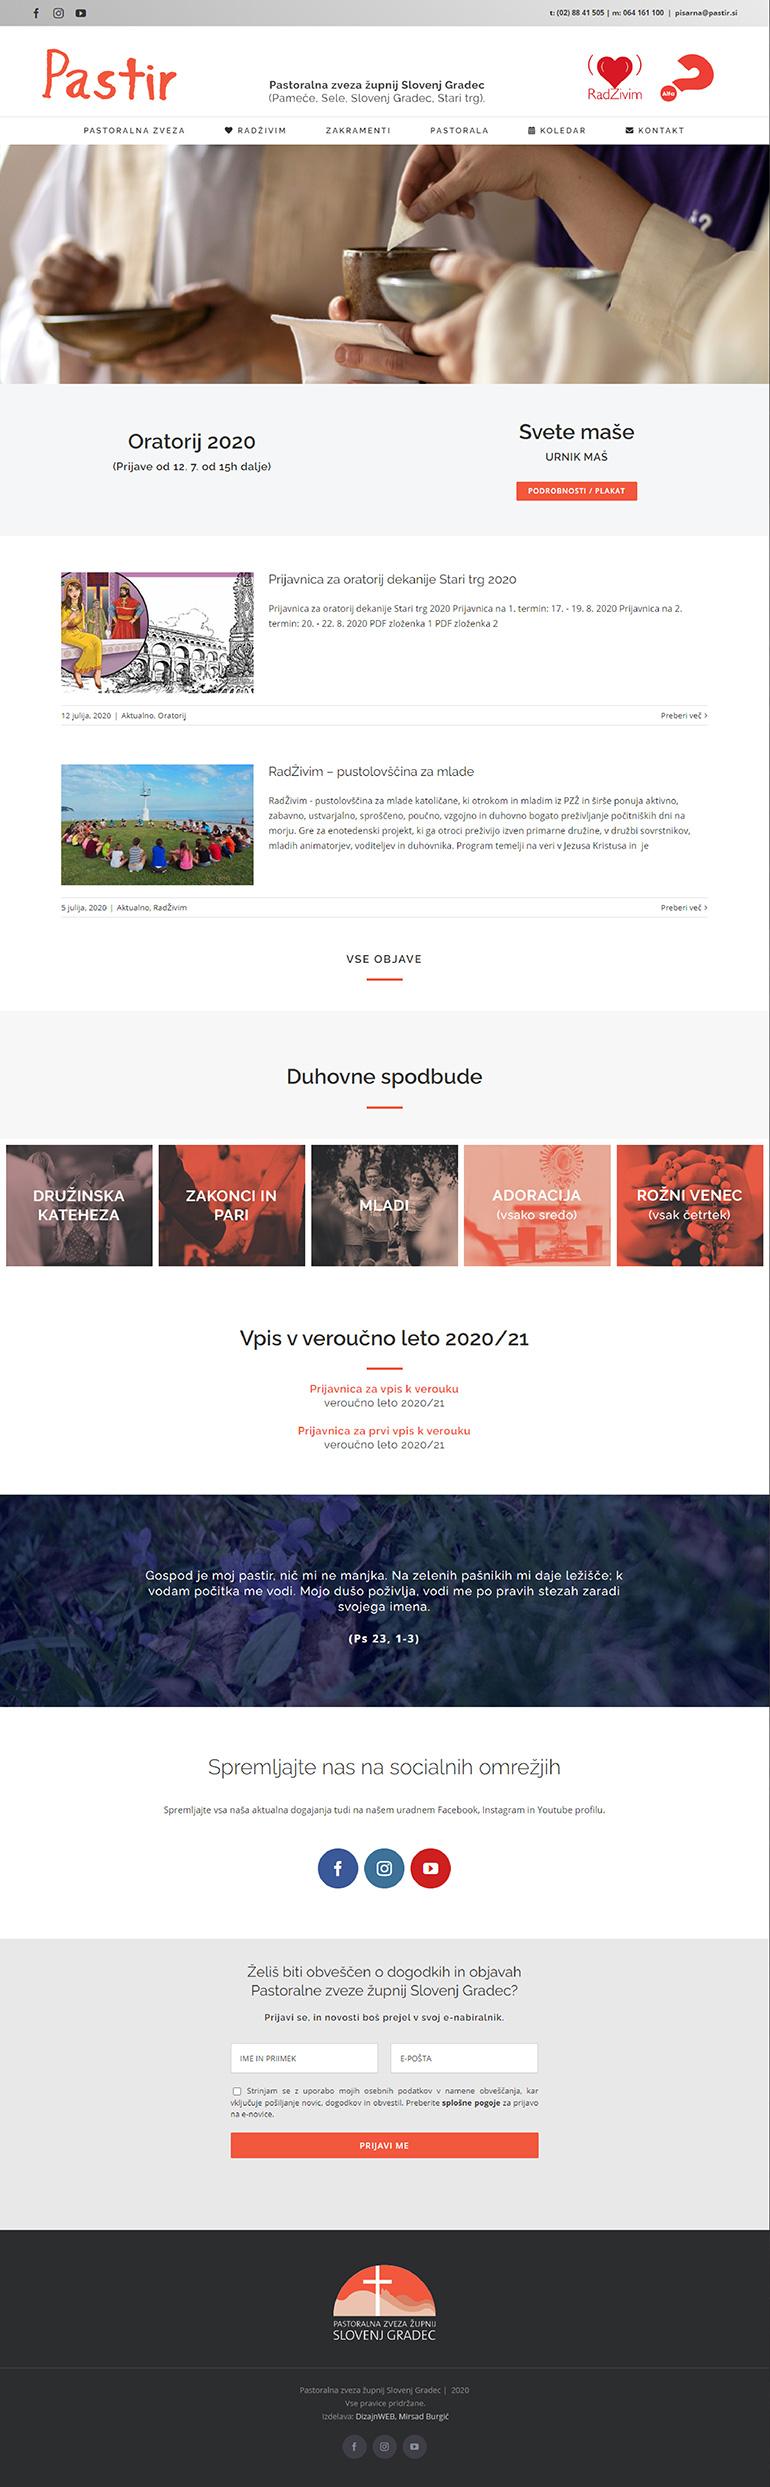 www.pastir.si